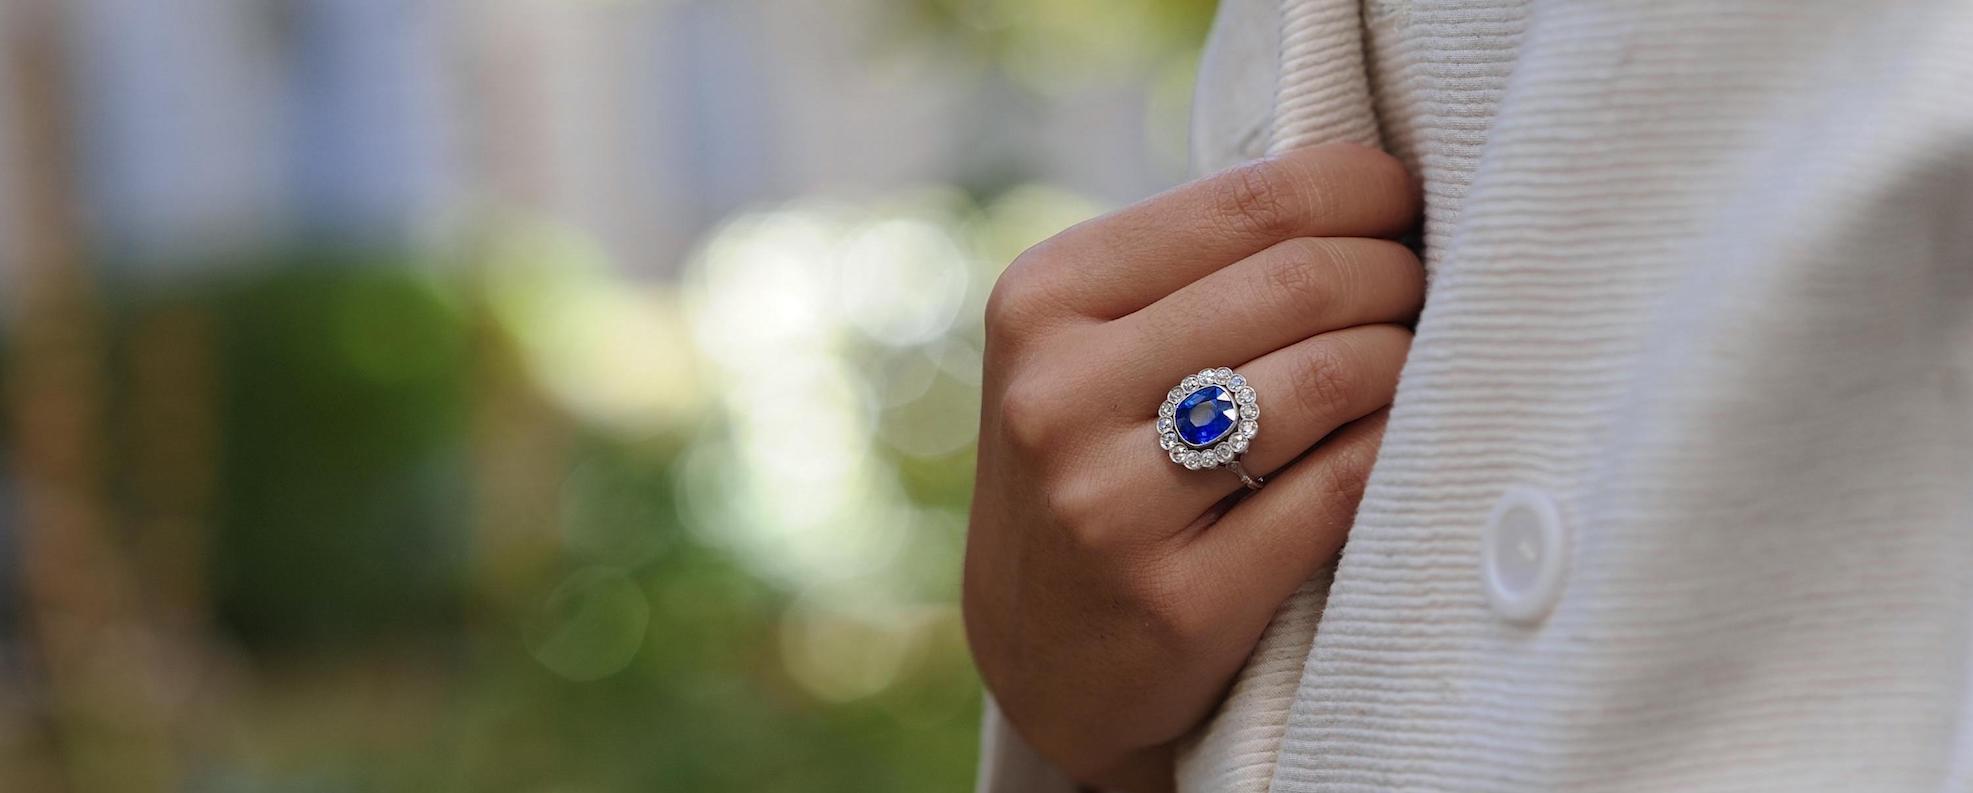 Achat de bijoux anciens, nous rachetons l or et les diamants Paris 9e 1e2775dddb6a